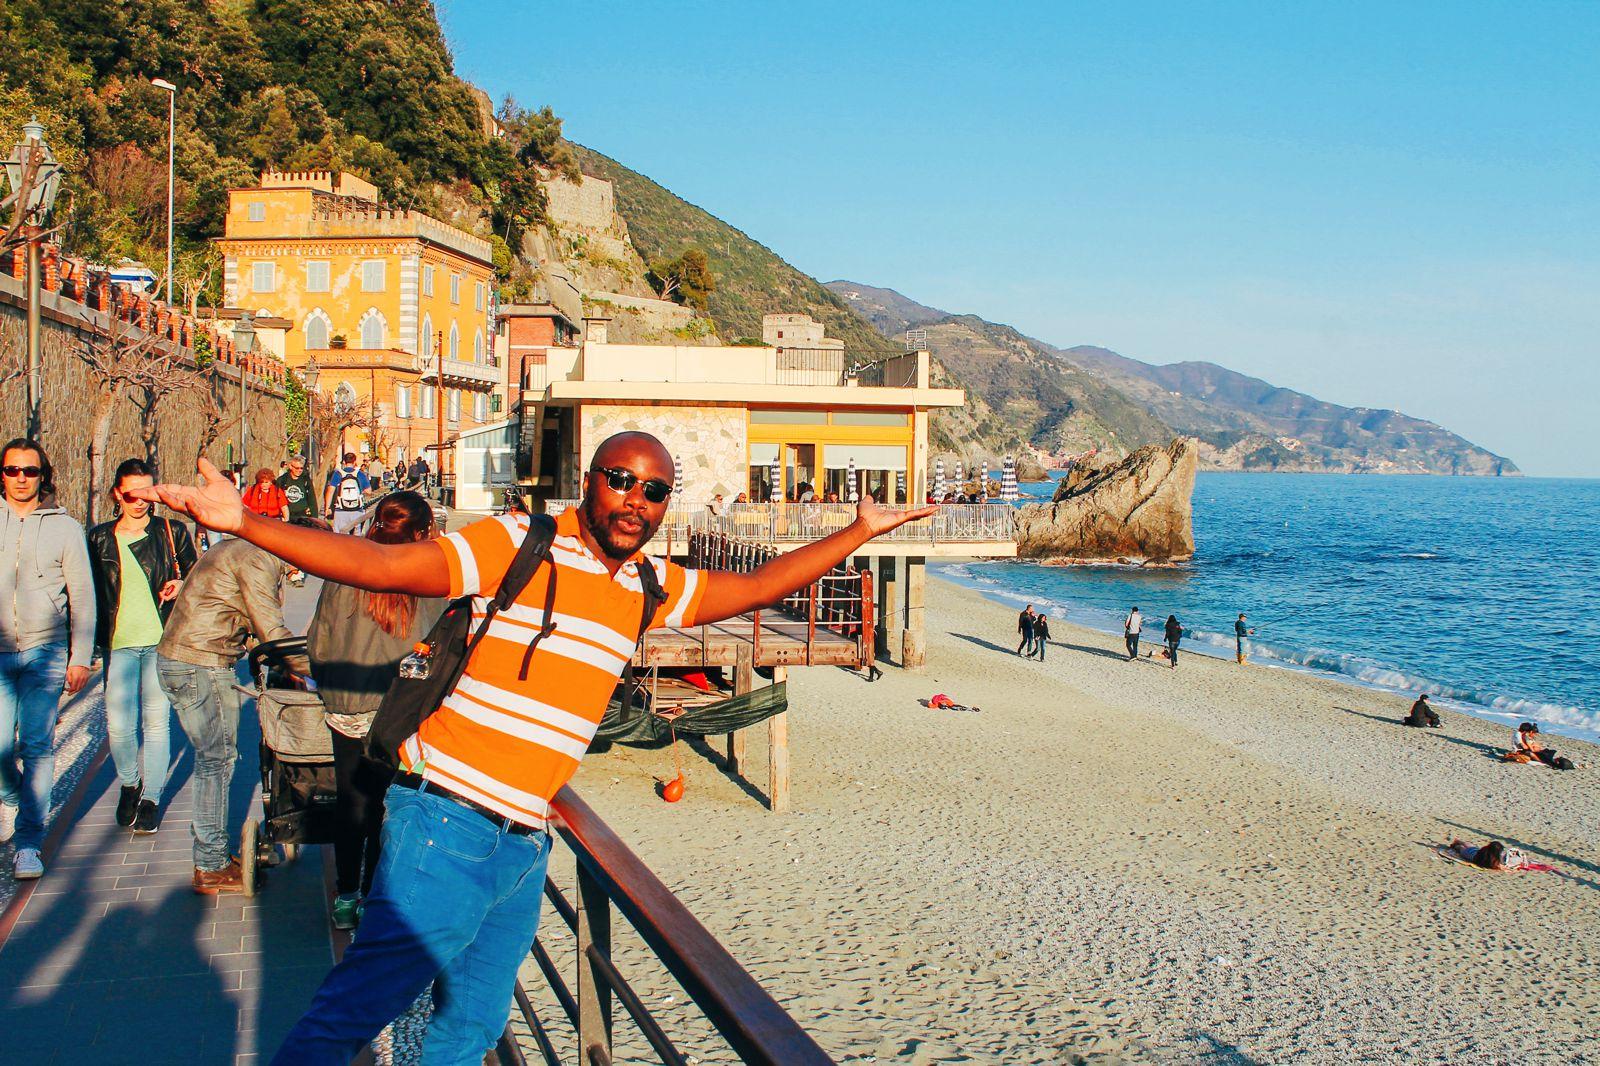 Monterosso al Mare in Cinque Terre, Italy - The Photo Diary! [5 of 5] (13)